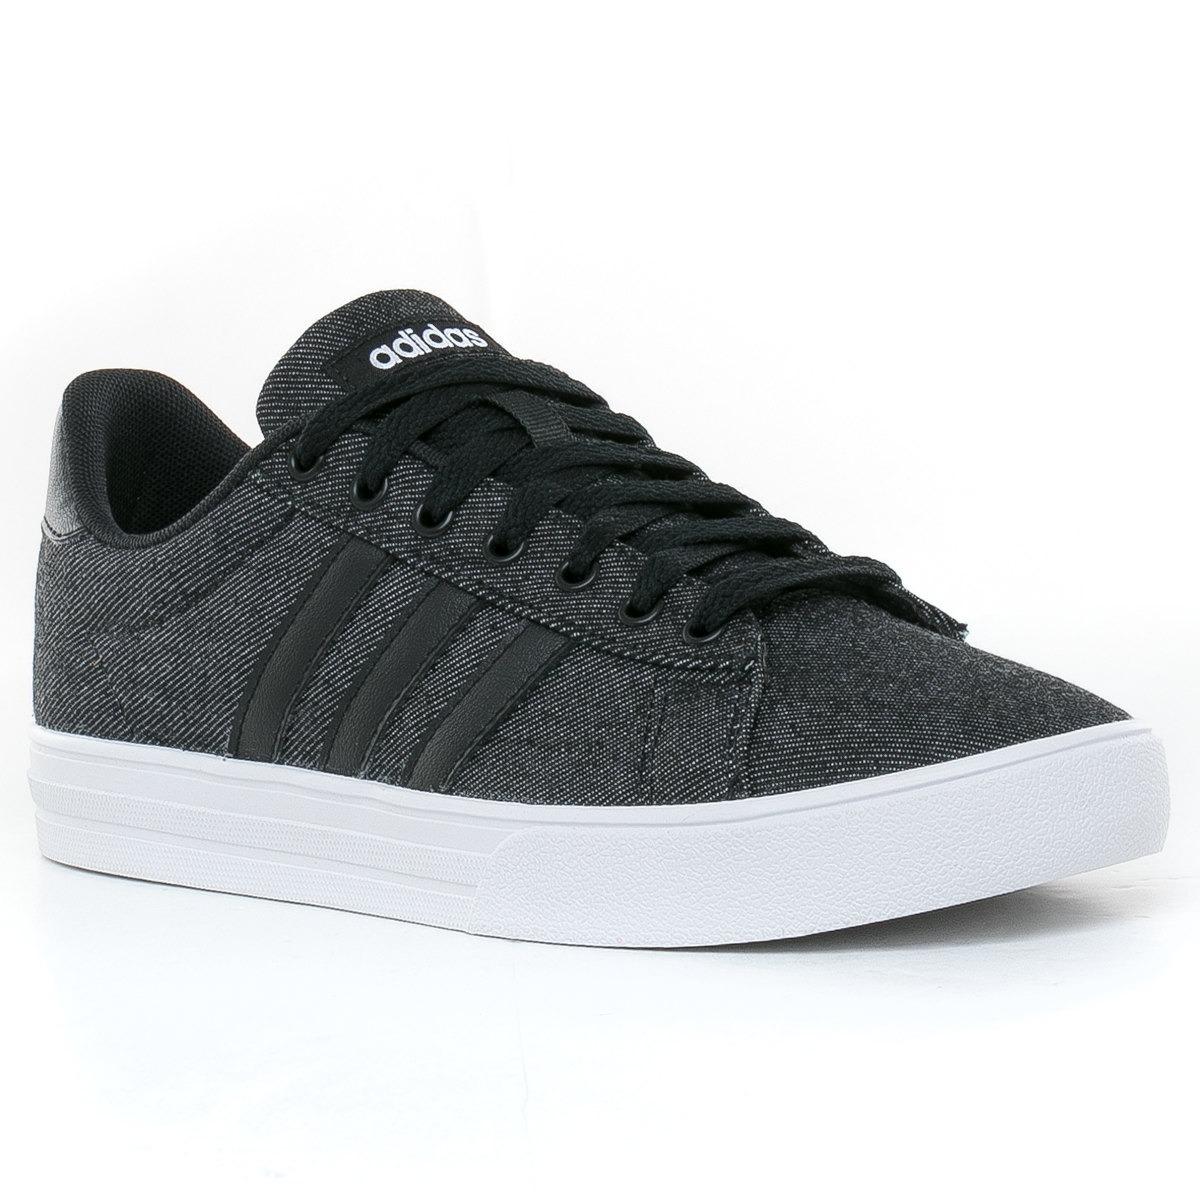 4454031ea04 zapatillas daily 2.0 black adidas sport 78 tienda oficial. Cargando zoom.